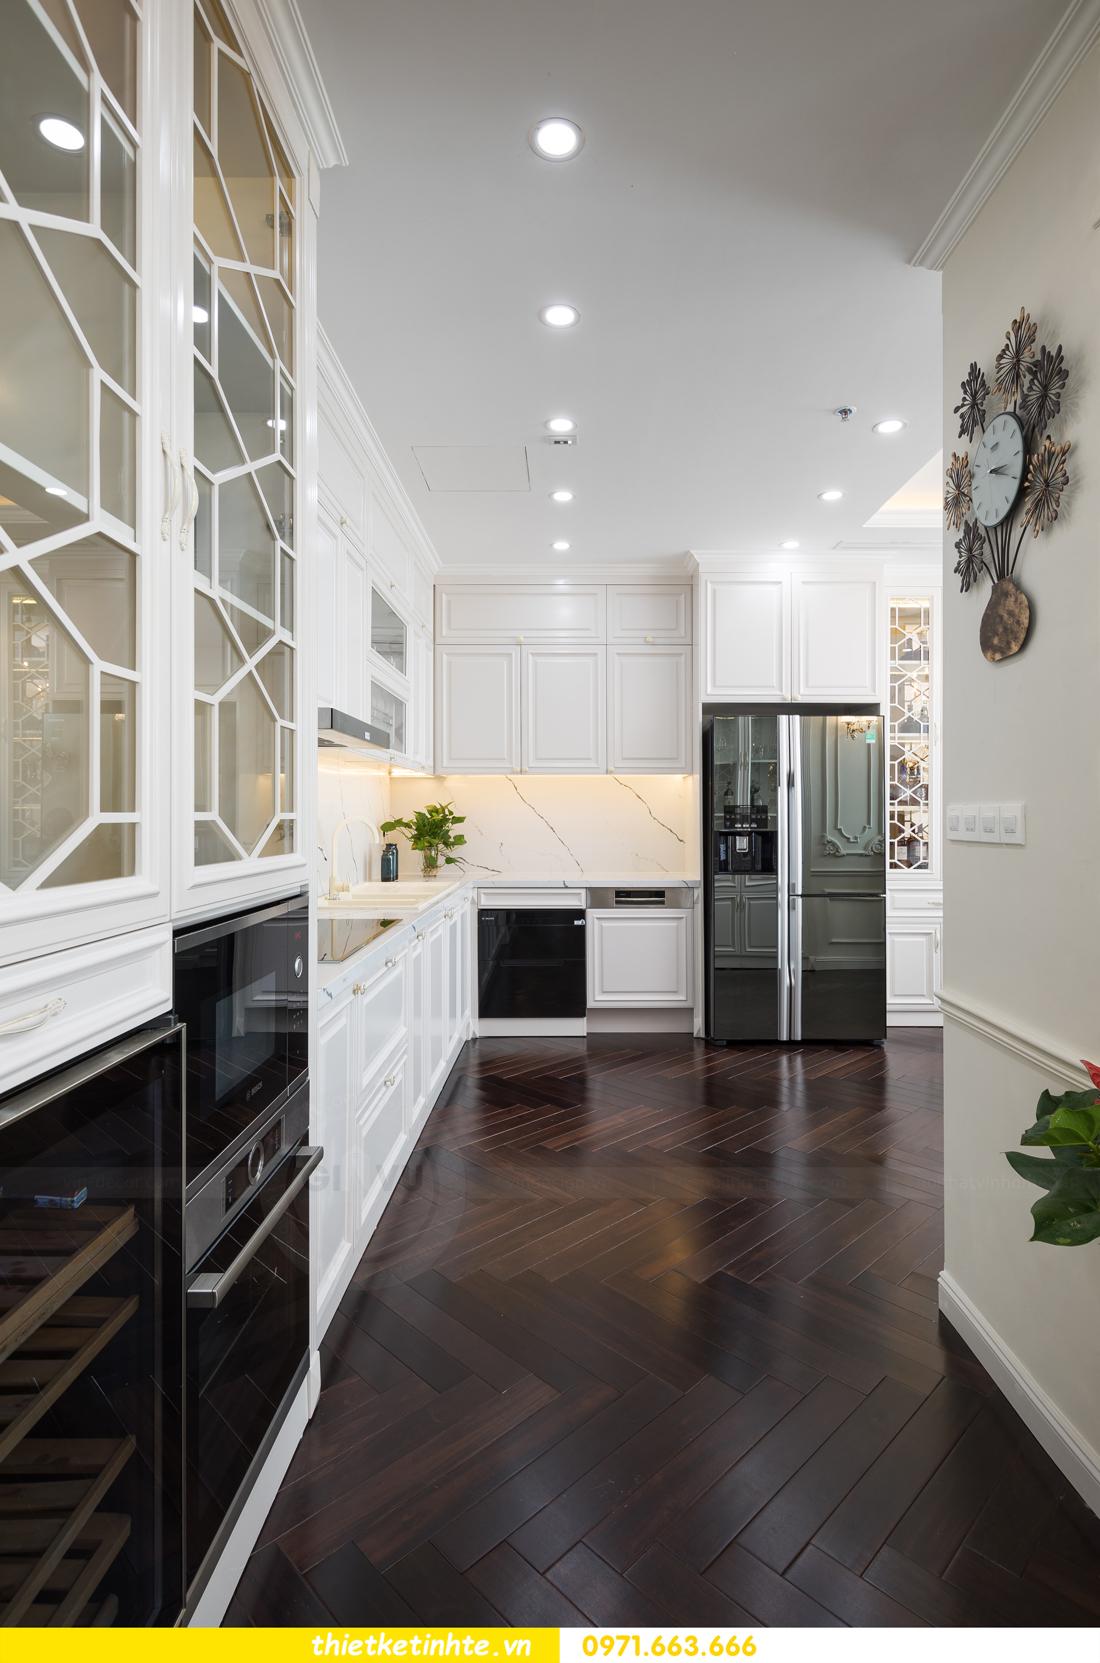 thi công hoàn thiện nội thất chung cư cao cấp Vinhomes Green Bay 10